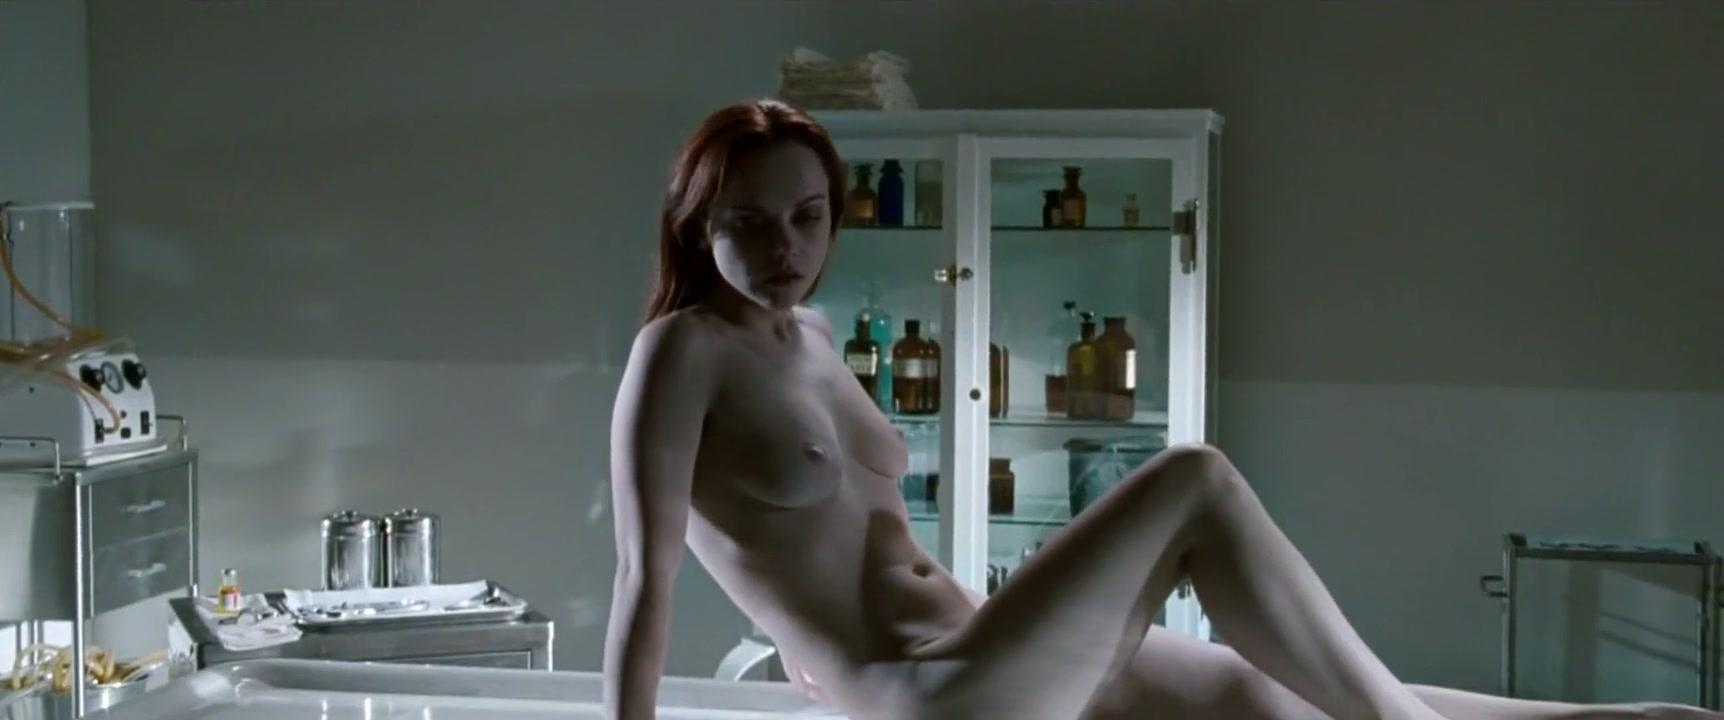 Porn galleries Miley cyrus recent nudes